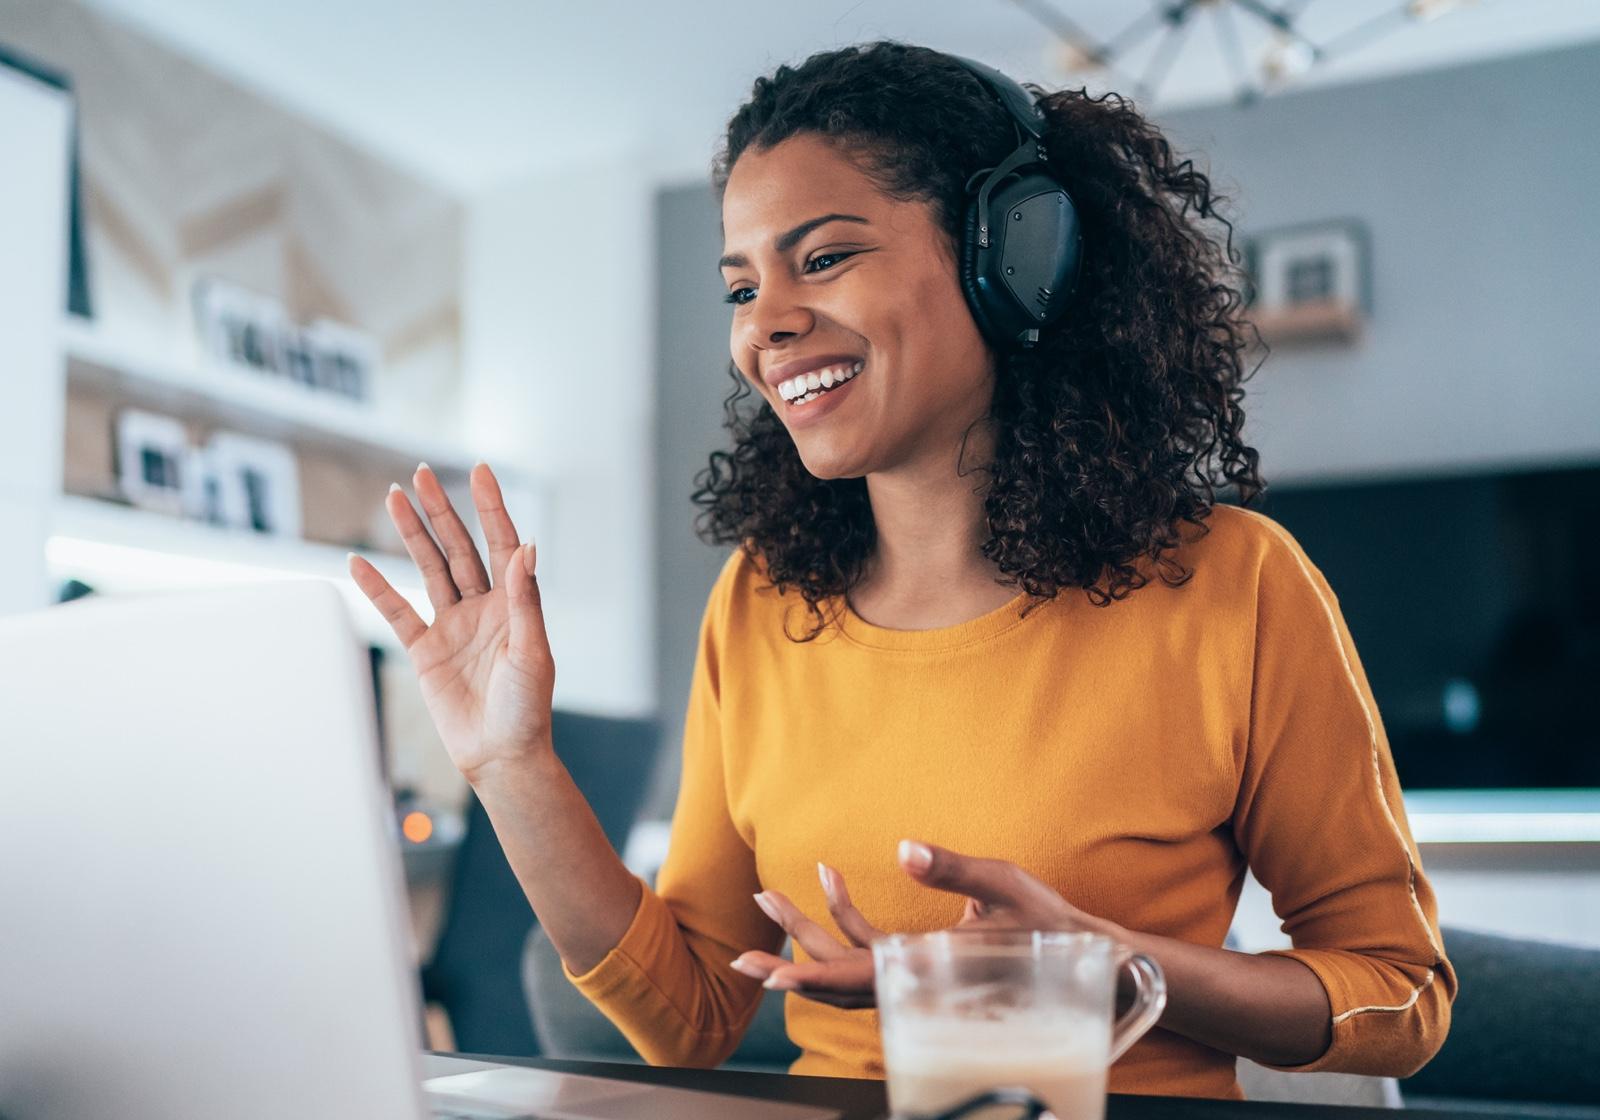 Smiling woman waving at laptop screen